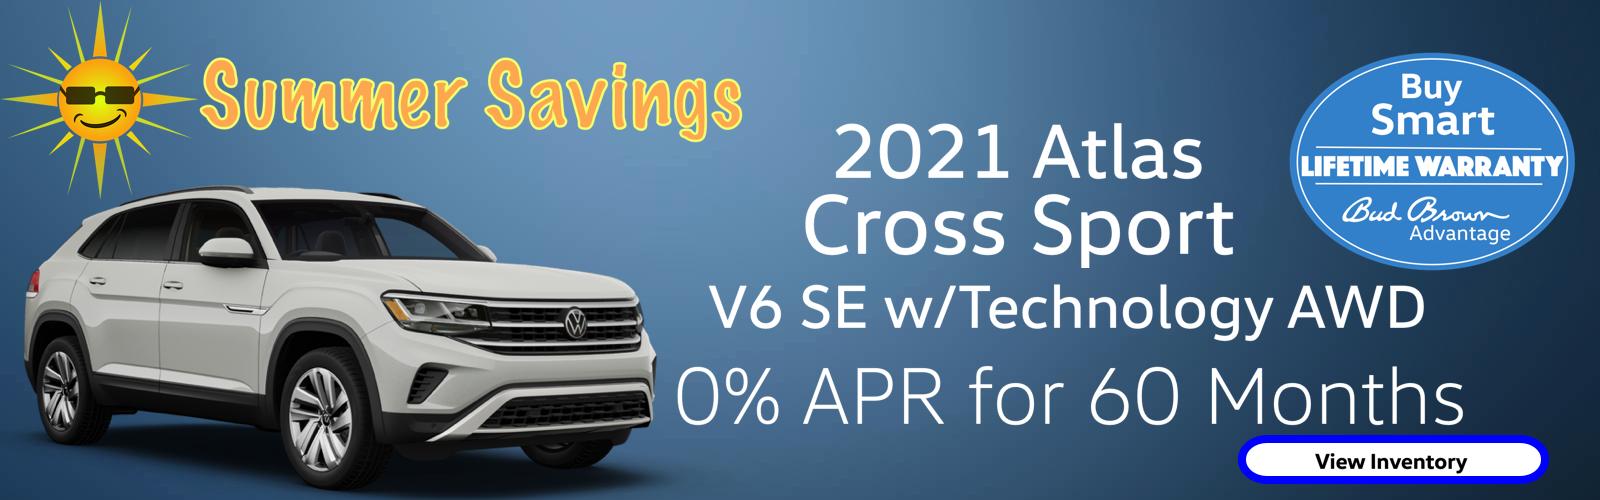 0% APR plus Bud Brown Lifetime Warranty on every new Atlas Cross Sport